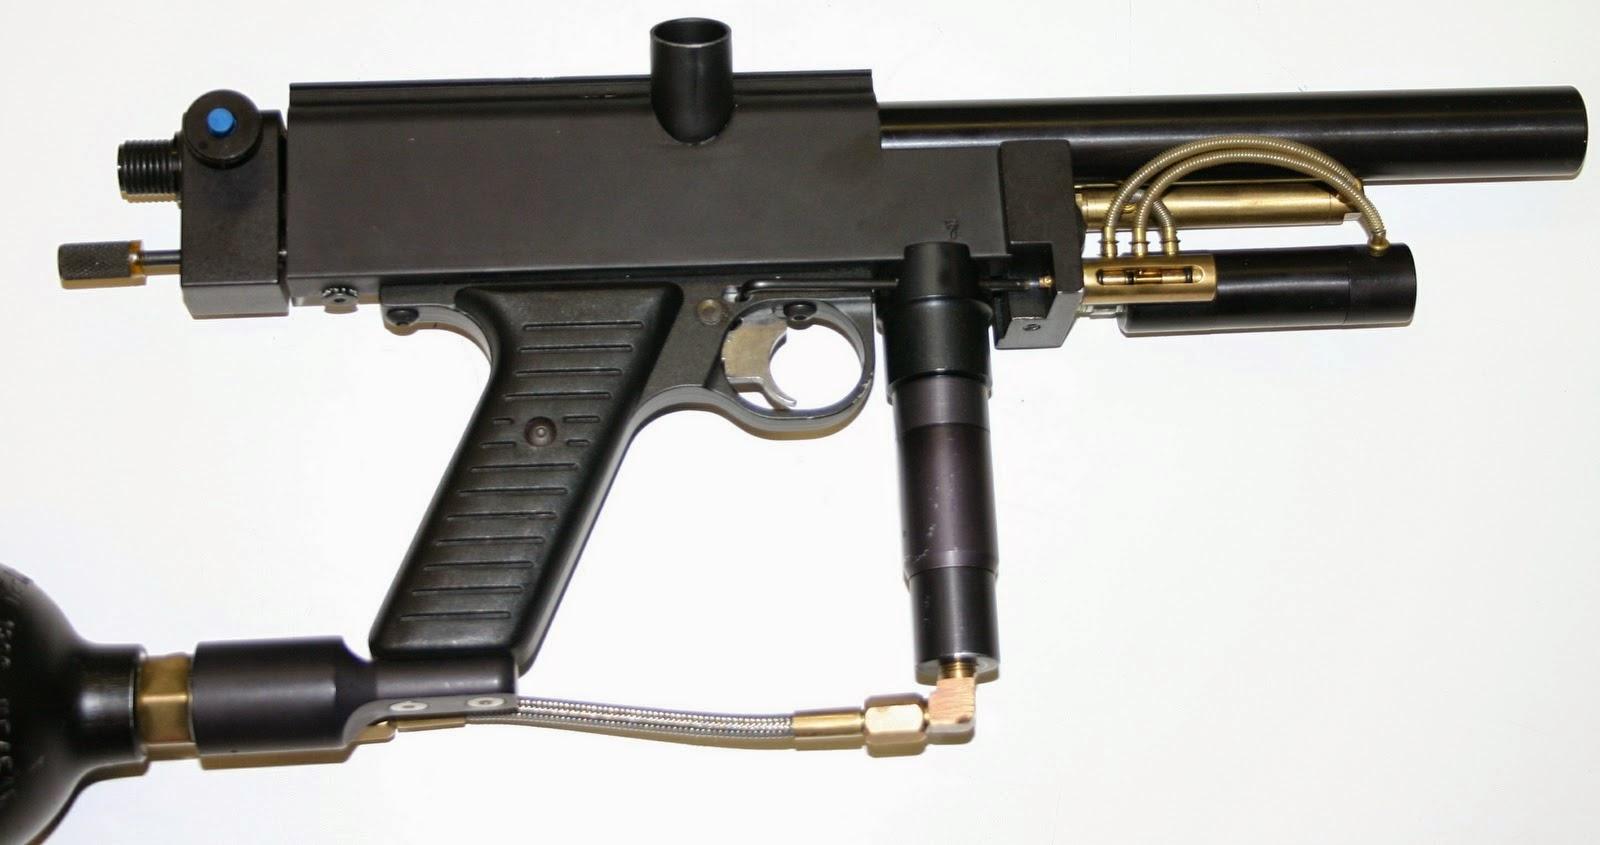 Electronic Paintball Guns | Best Paintball Guns